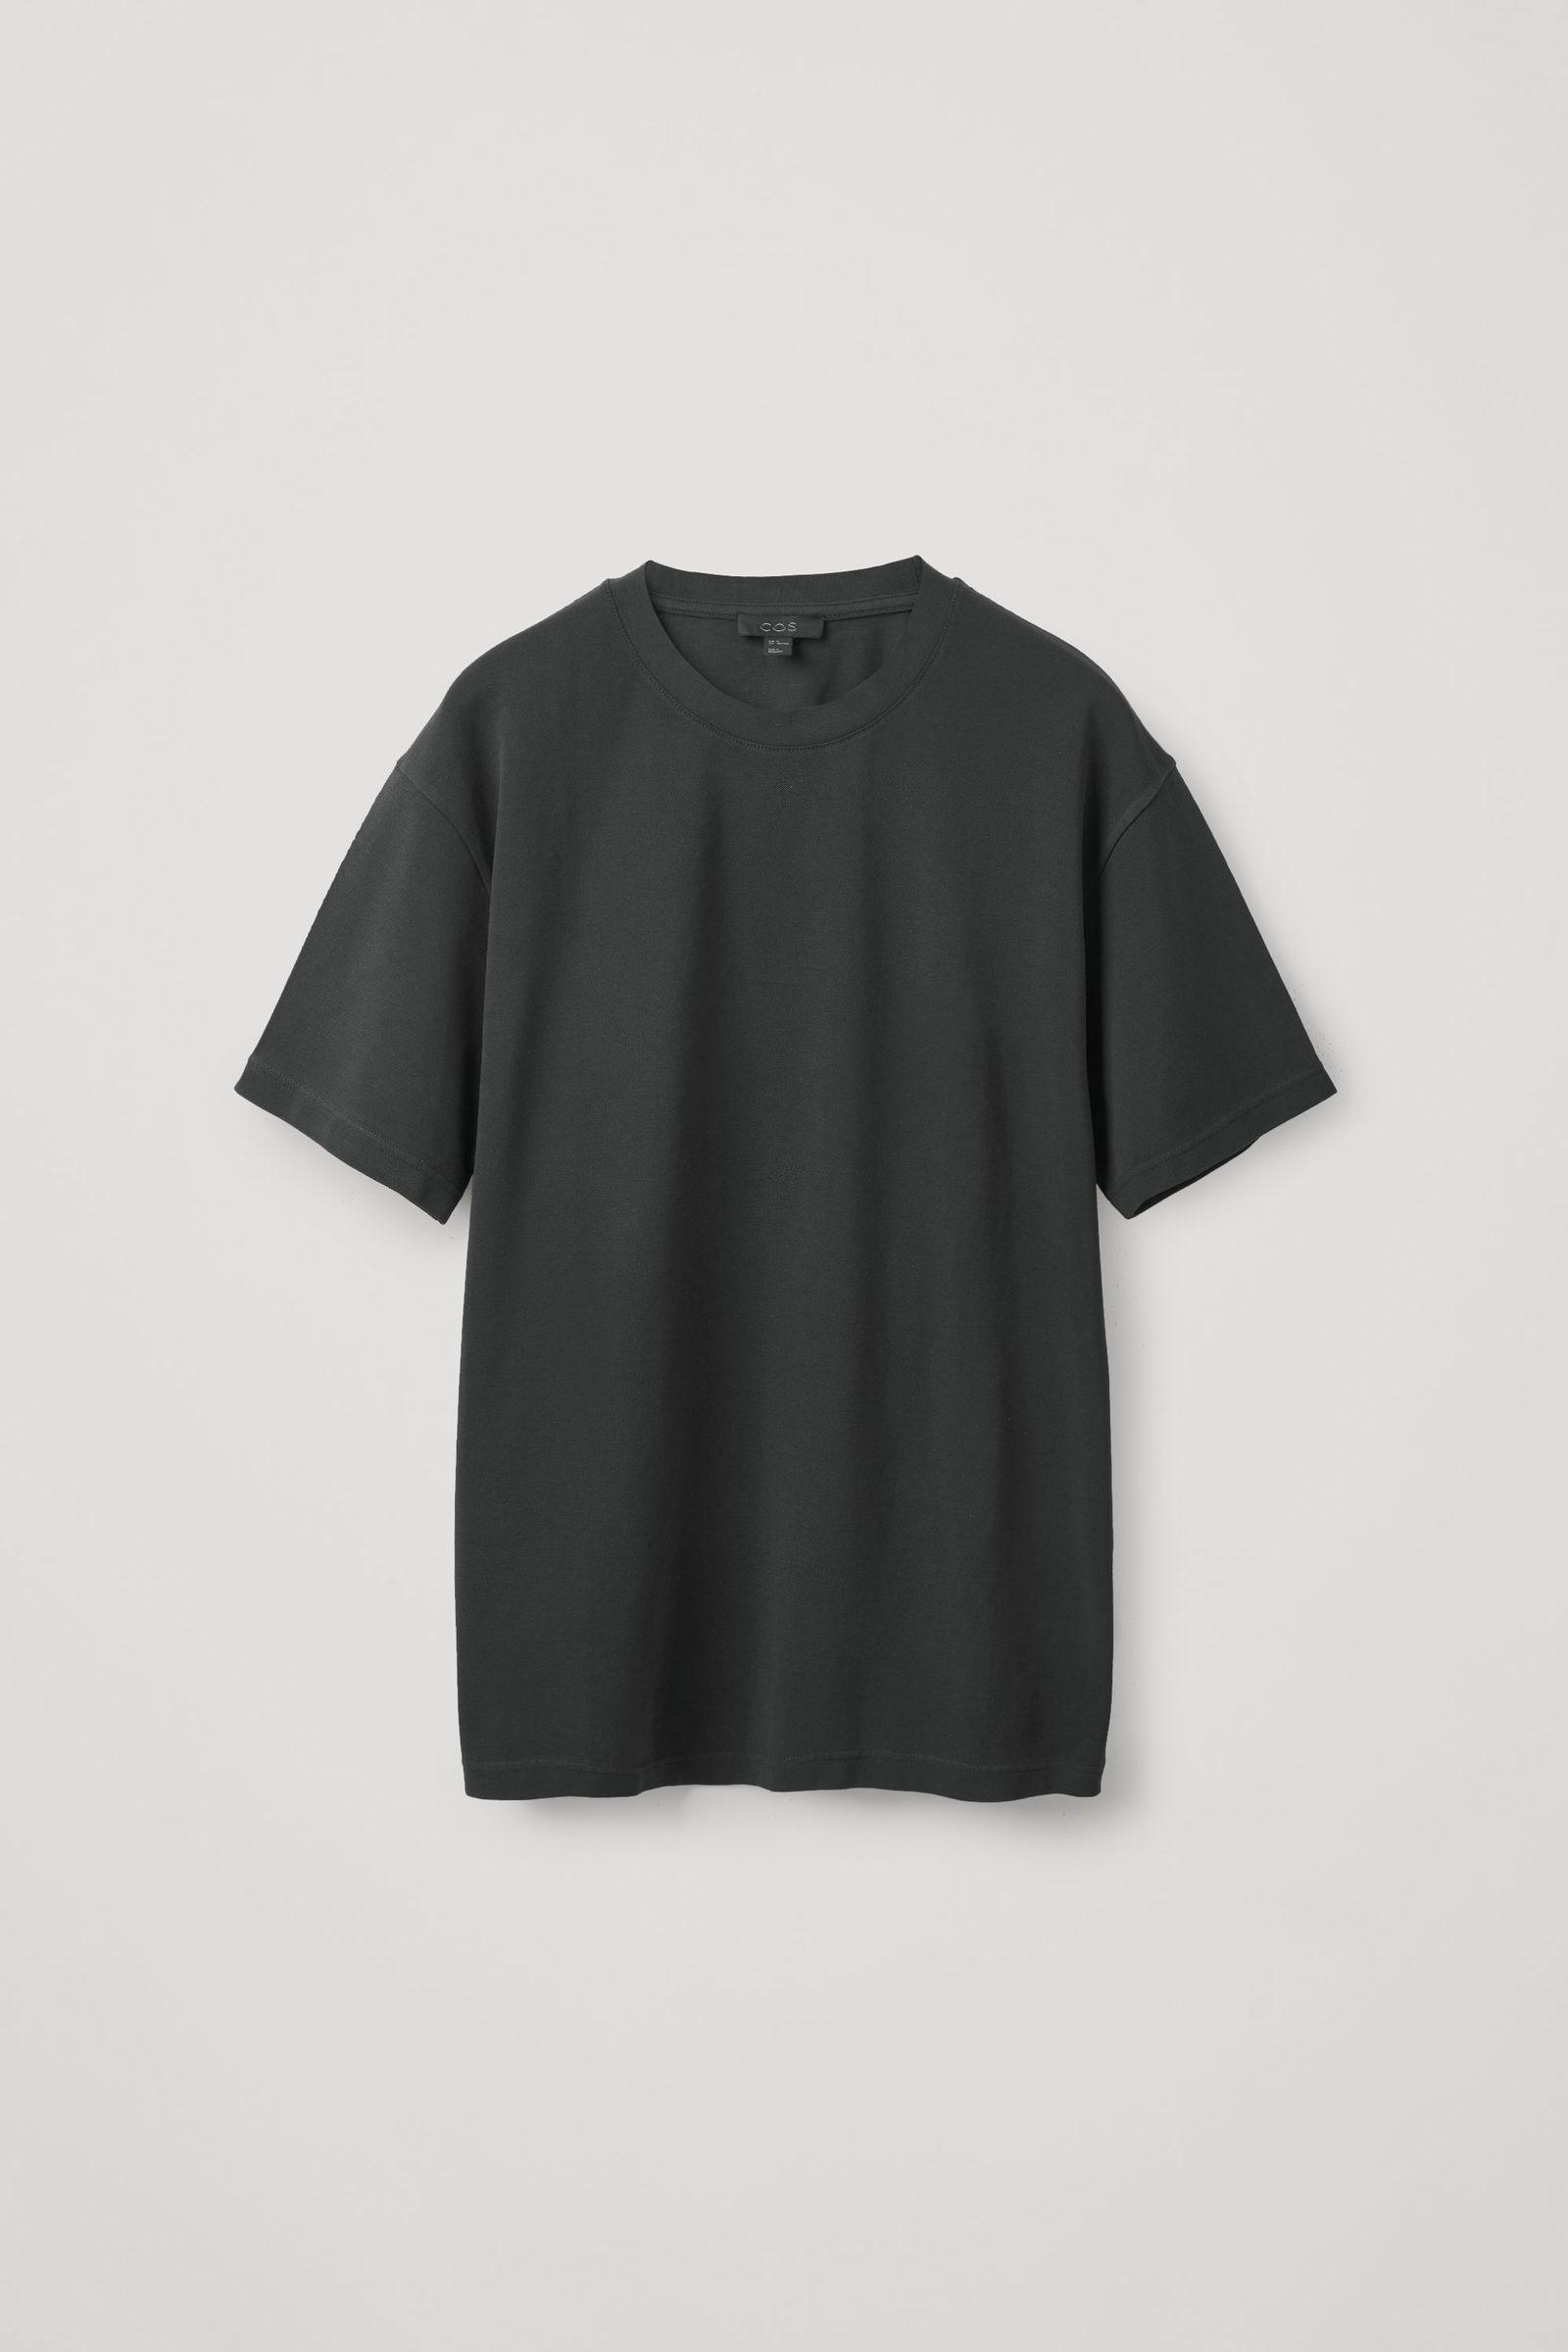 COS 릴랙스드 핏 티셔츠의 블랙컬러 Product입니다.